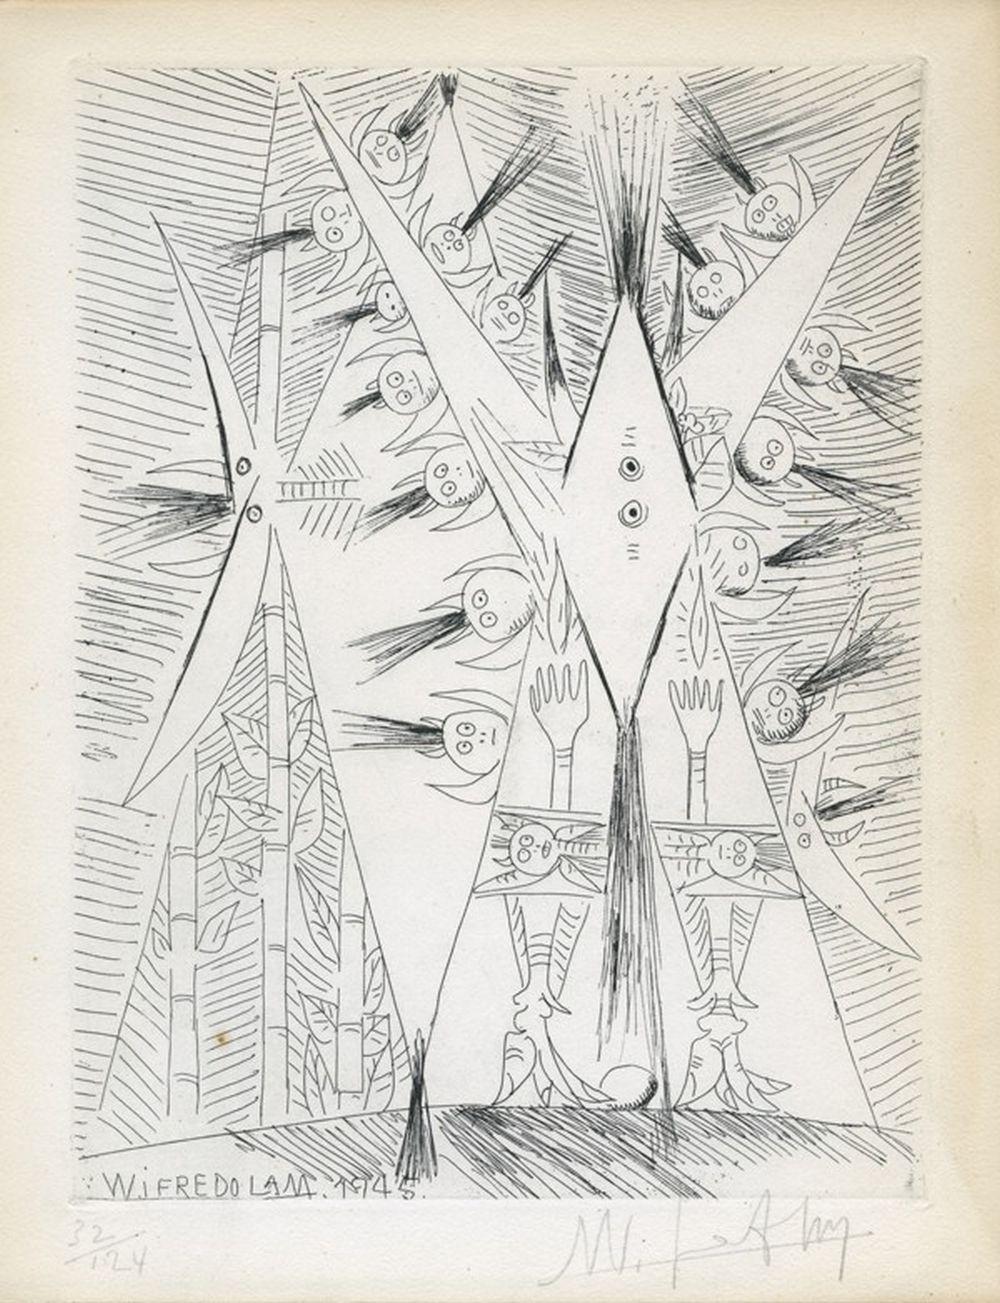 Wifredo Lam - Voyages à travers la peinture, 1946